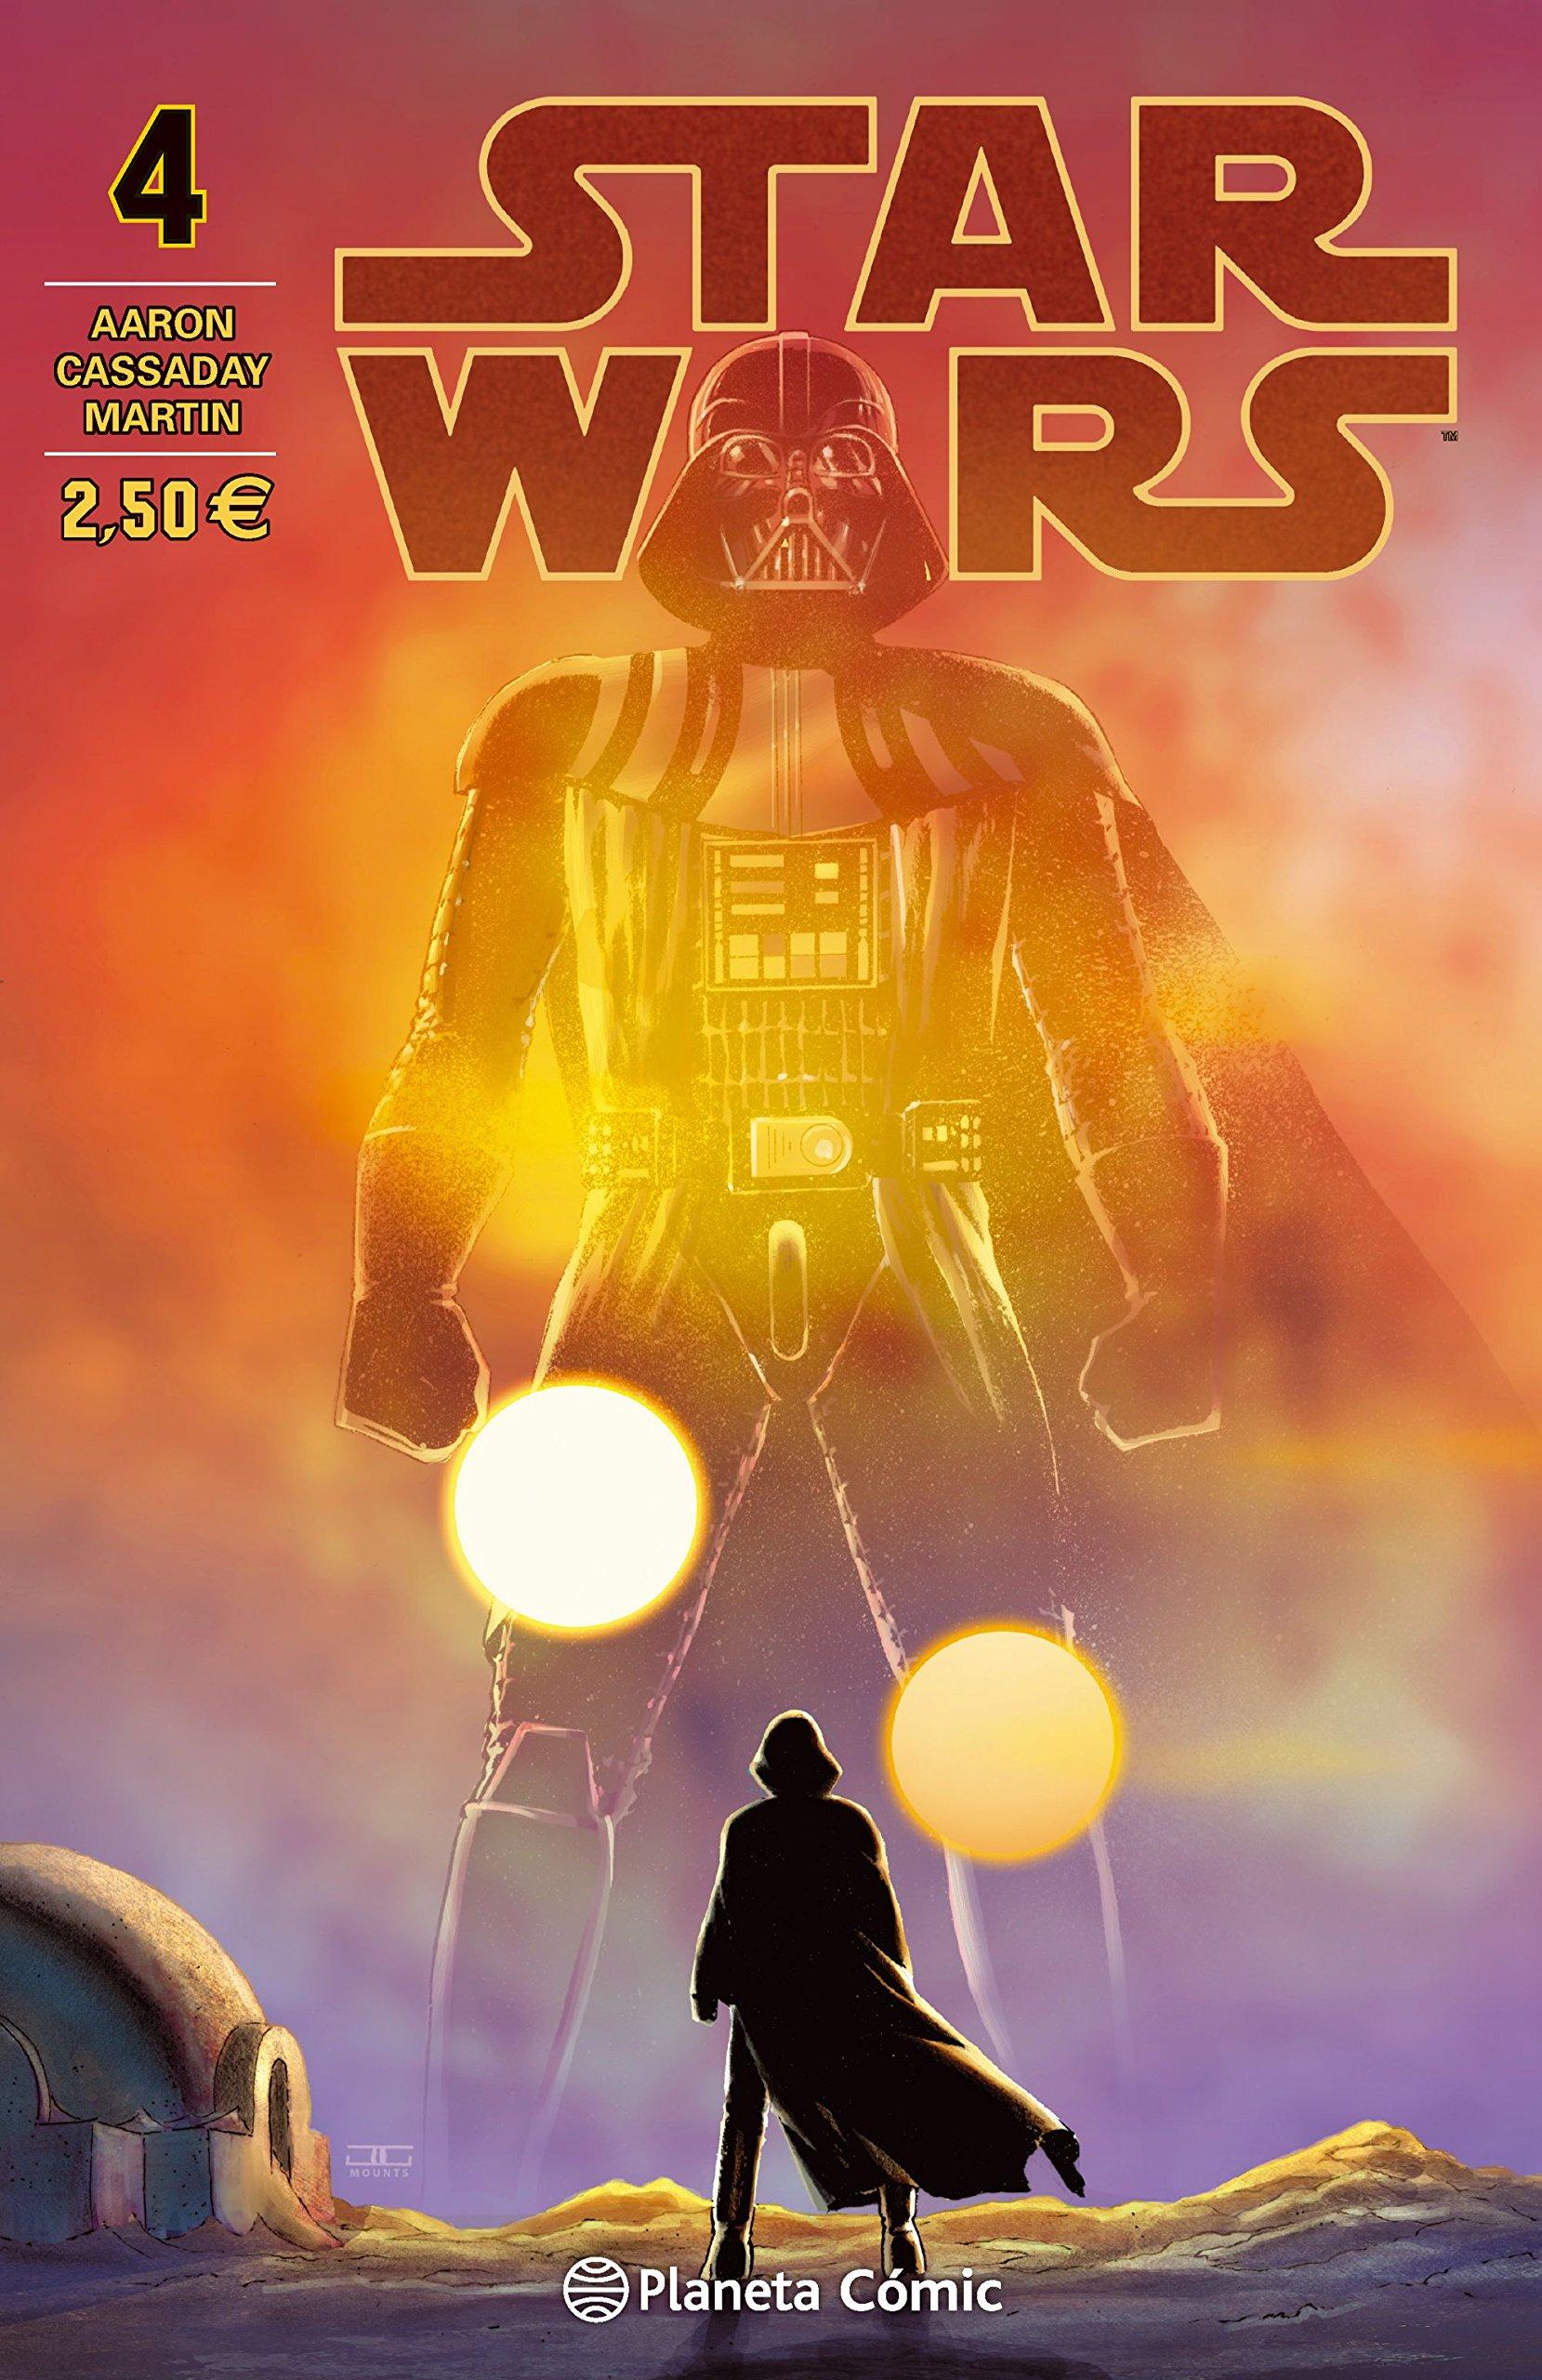 Star Wars Vol.2 #4